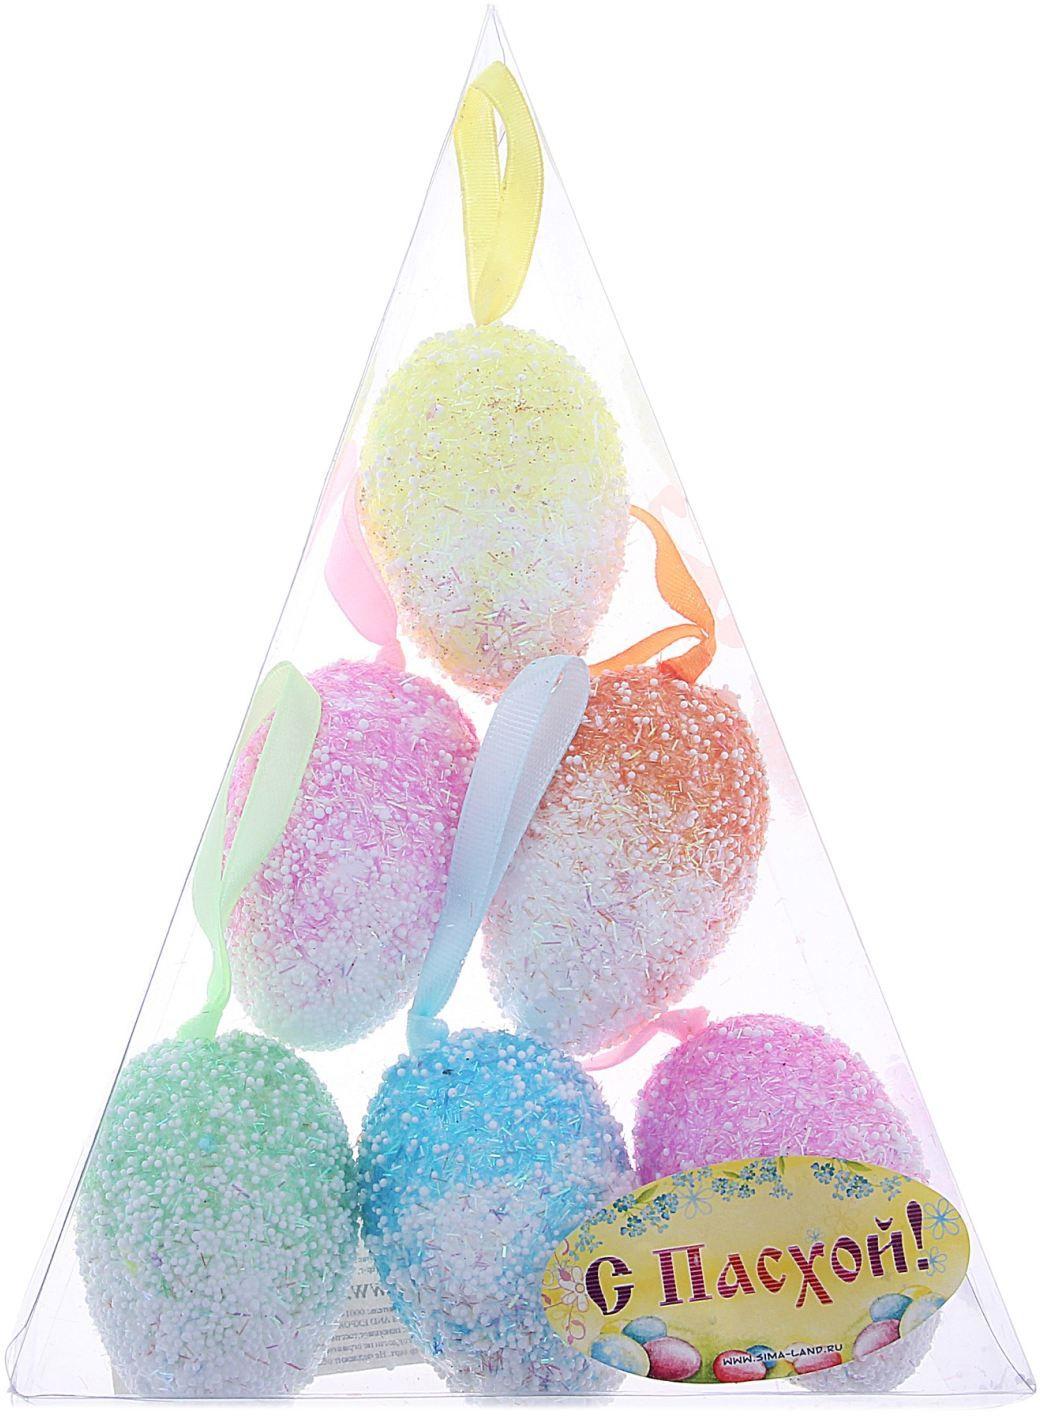 Сувенир пасхальный Sima-land Яйцо. Радуга, 4 х 4 х 6 см, 6 шт114774Сувенир - пасхальное яйцо Радуга (набор 6 шт) - символ жизни и возрождения. Вариантов применения такого милого сувенира множество. Во-первых, он послужит прекрасным подарком гостям, коллегам или друзьям. Всю праздничную неделю вы можете обмениваться подарочками.Во-вторых, с помощью такого сувенира вы сможете сами заняться сервировкой праздничного стола, положив его каждому гостю на тарелку, на красивую салфетку, выгодно подобрав цвета.